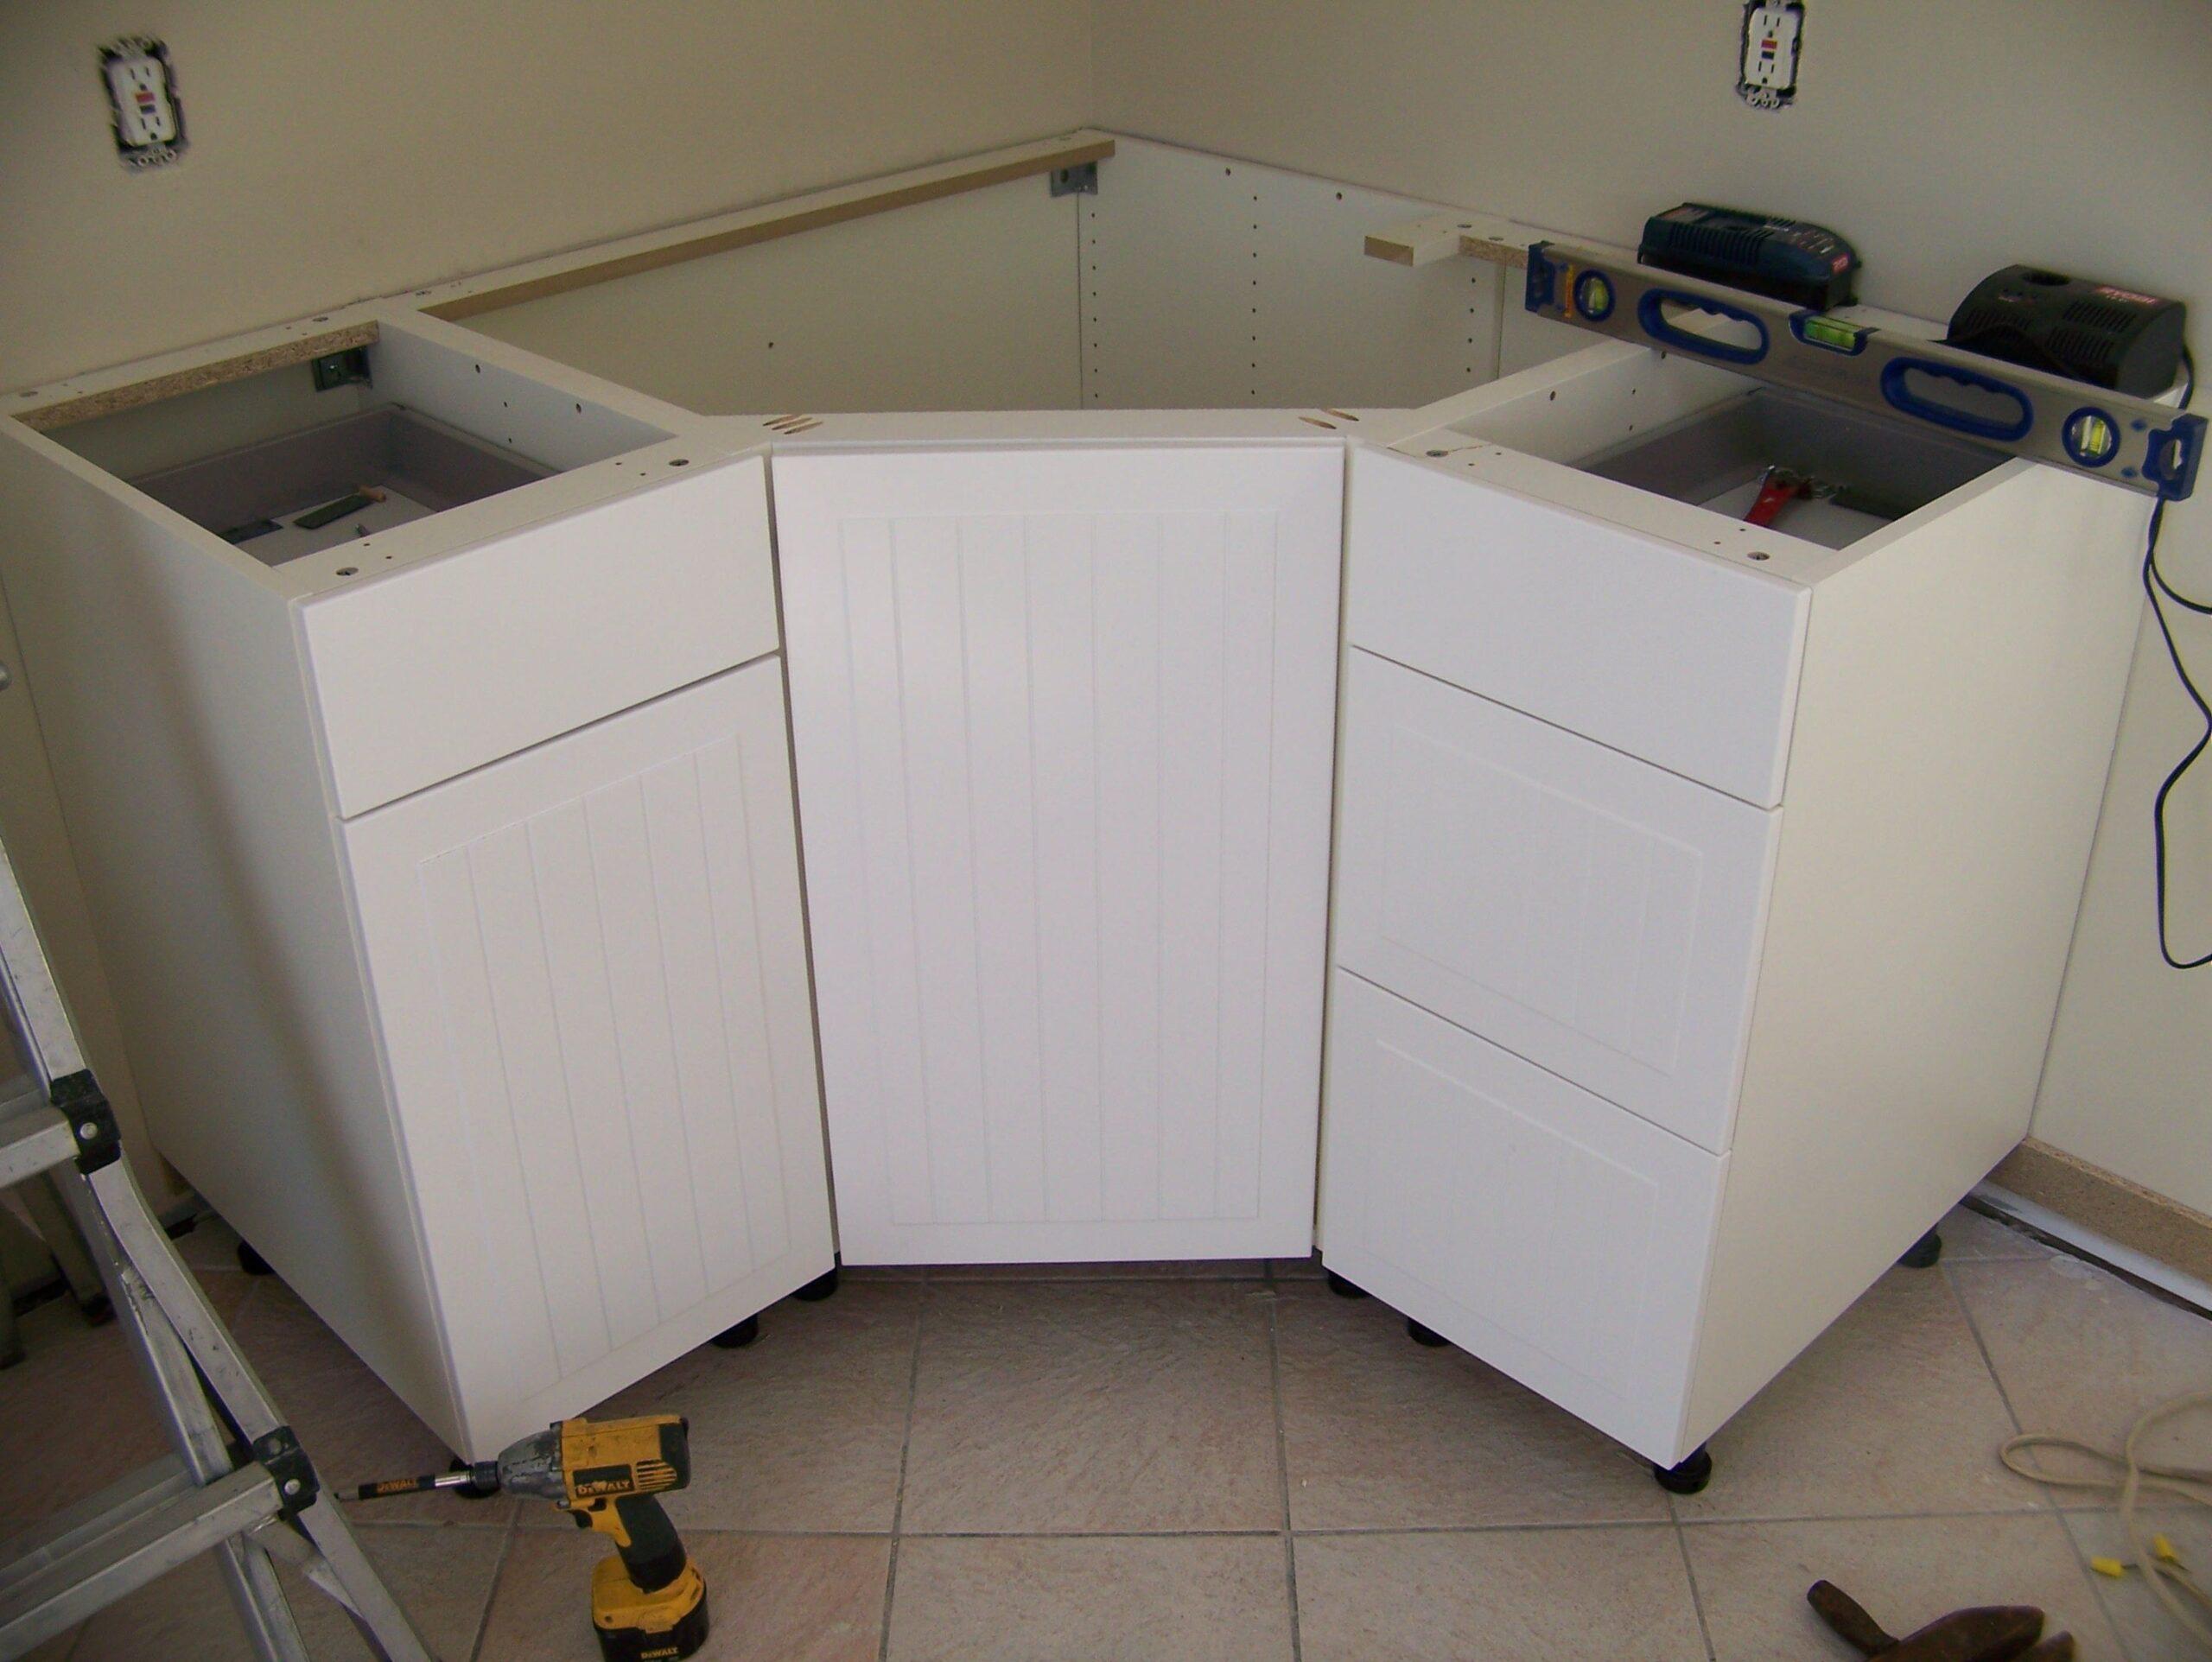 Full Size of Frischen Look Ikea Kche Unterschrank Einfaches Design Granitplatten Küche Tresen Spülbecken Pendelleuchte Griffe Hängeschrank Glastüren Behindertengerechte Wohnzimmer Ikea Küche Eckschrank